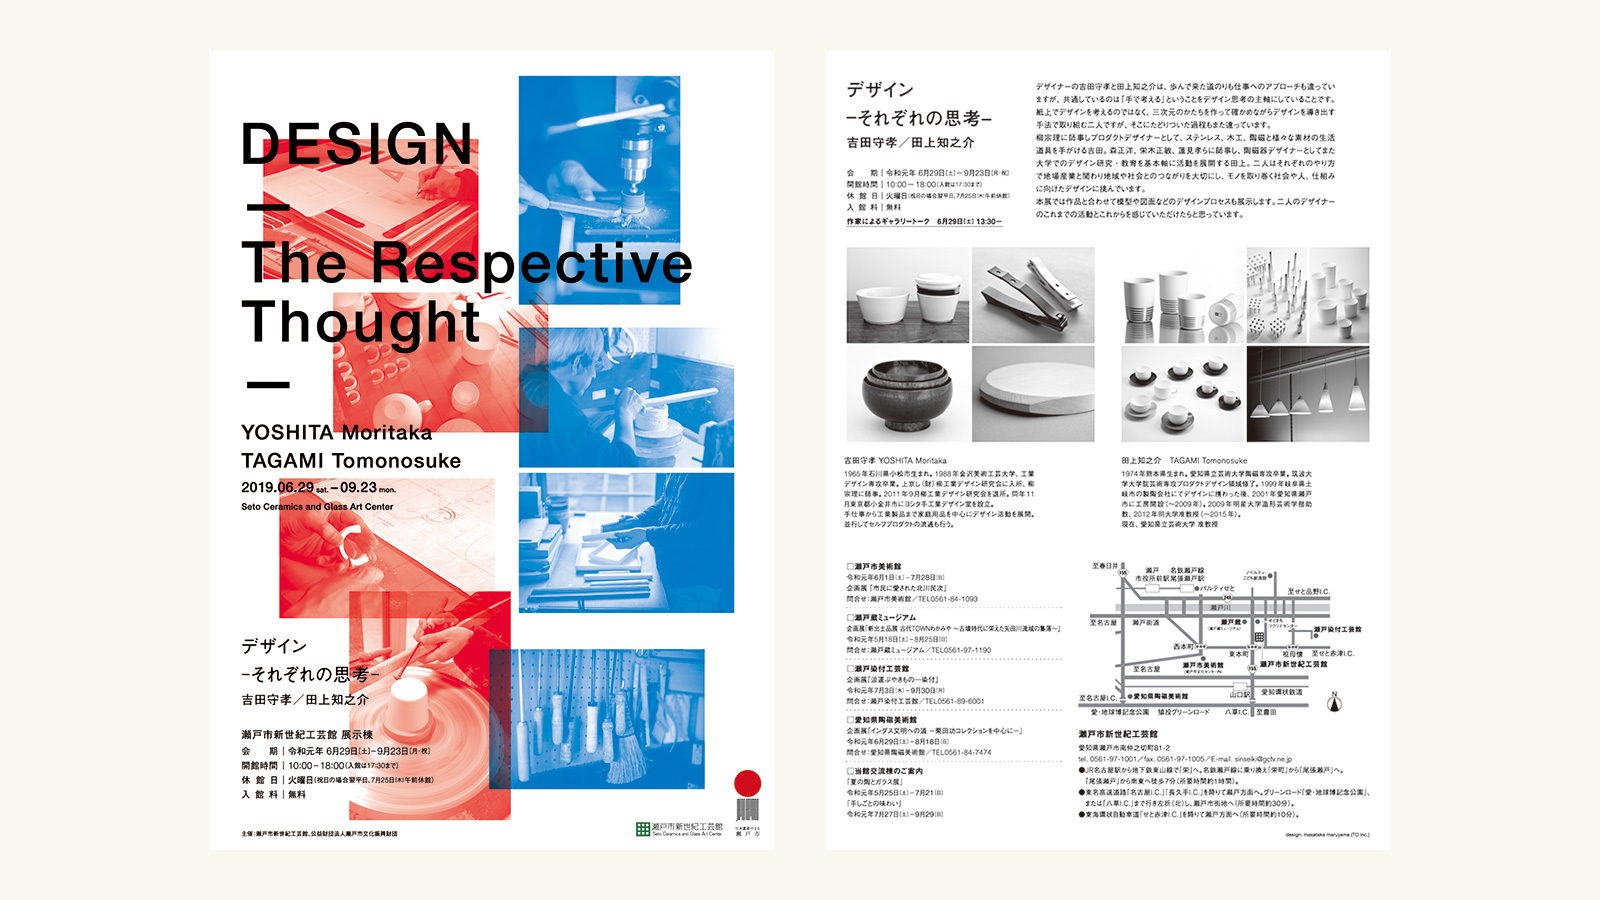 DESIGN —The Respective Thought— デザインそれぞれの思考|瀬戸市新世紀工芸館